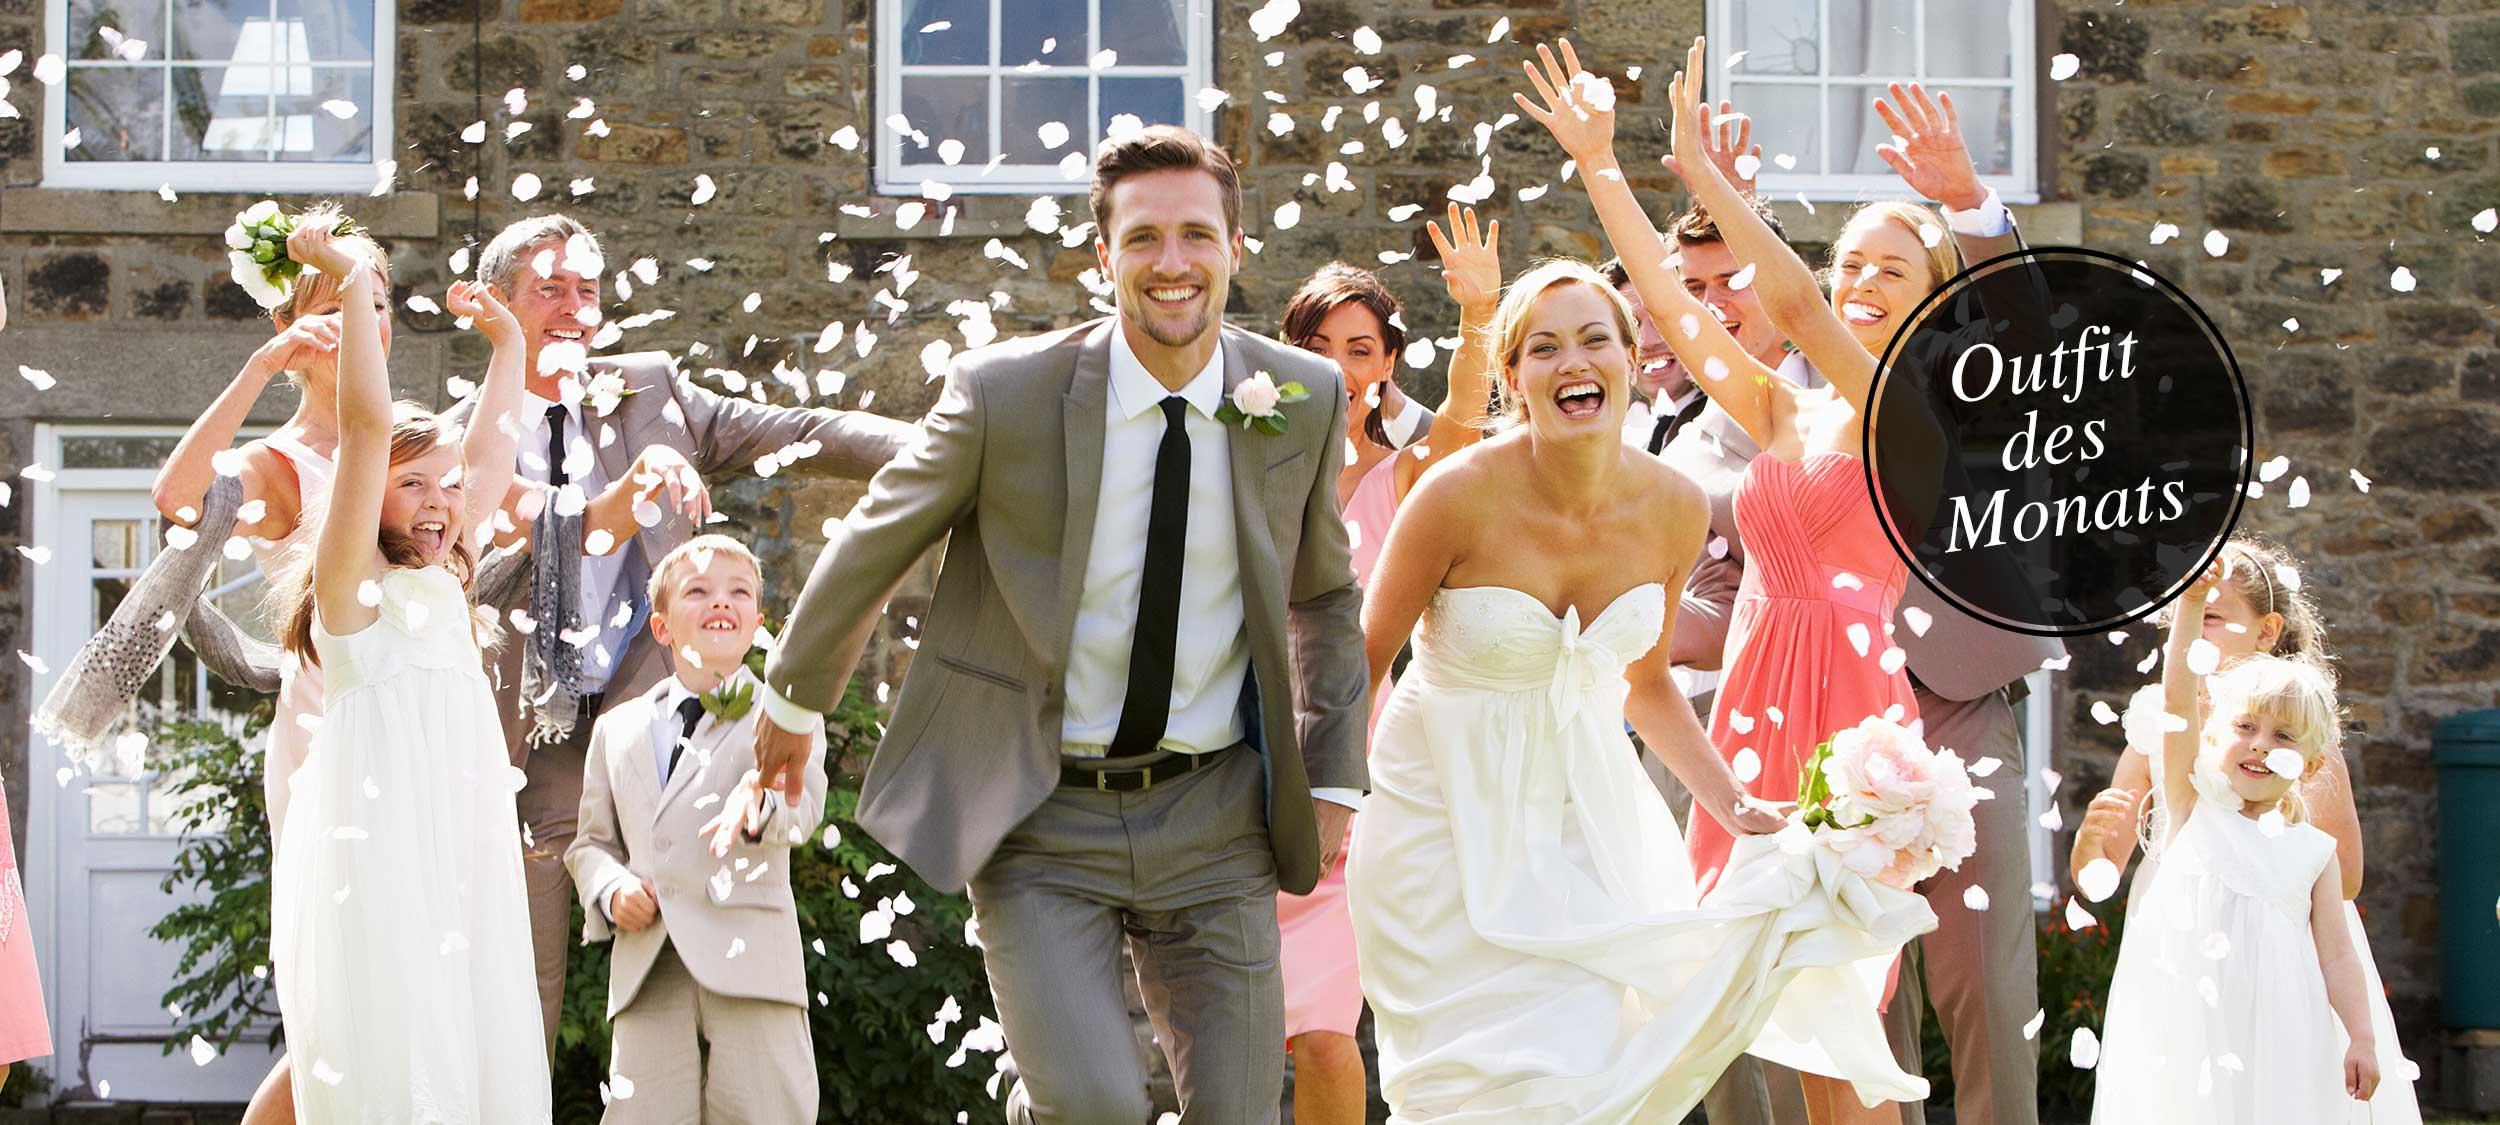 Oufit_Hochzeitsgast